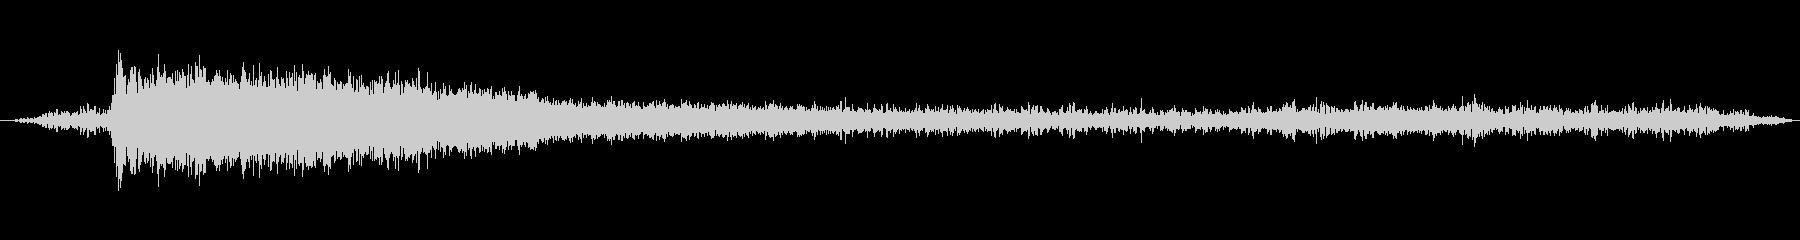 排気音 ボイラー音 蒸気機関車の未再生の波形